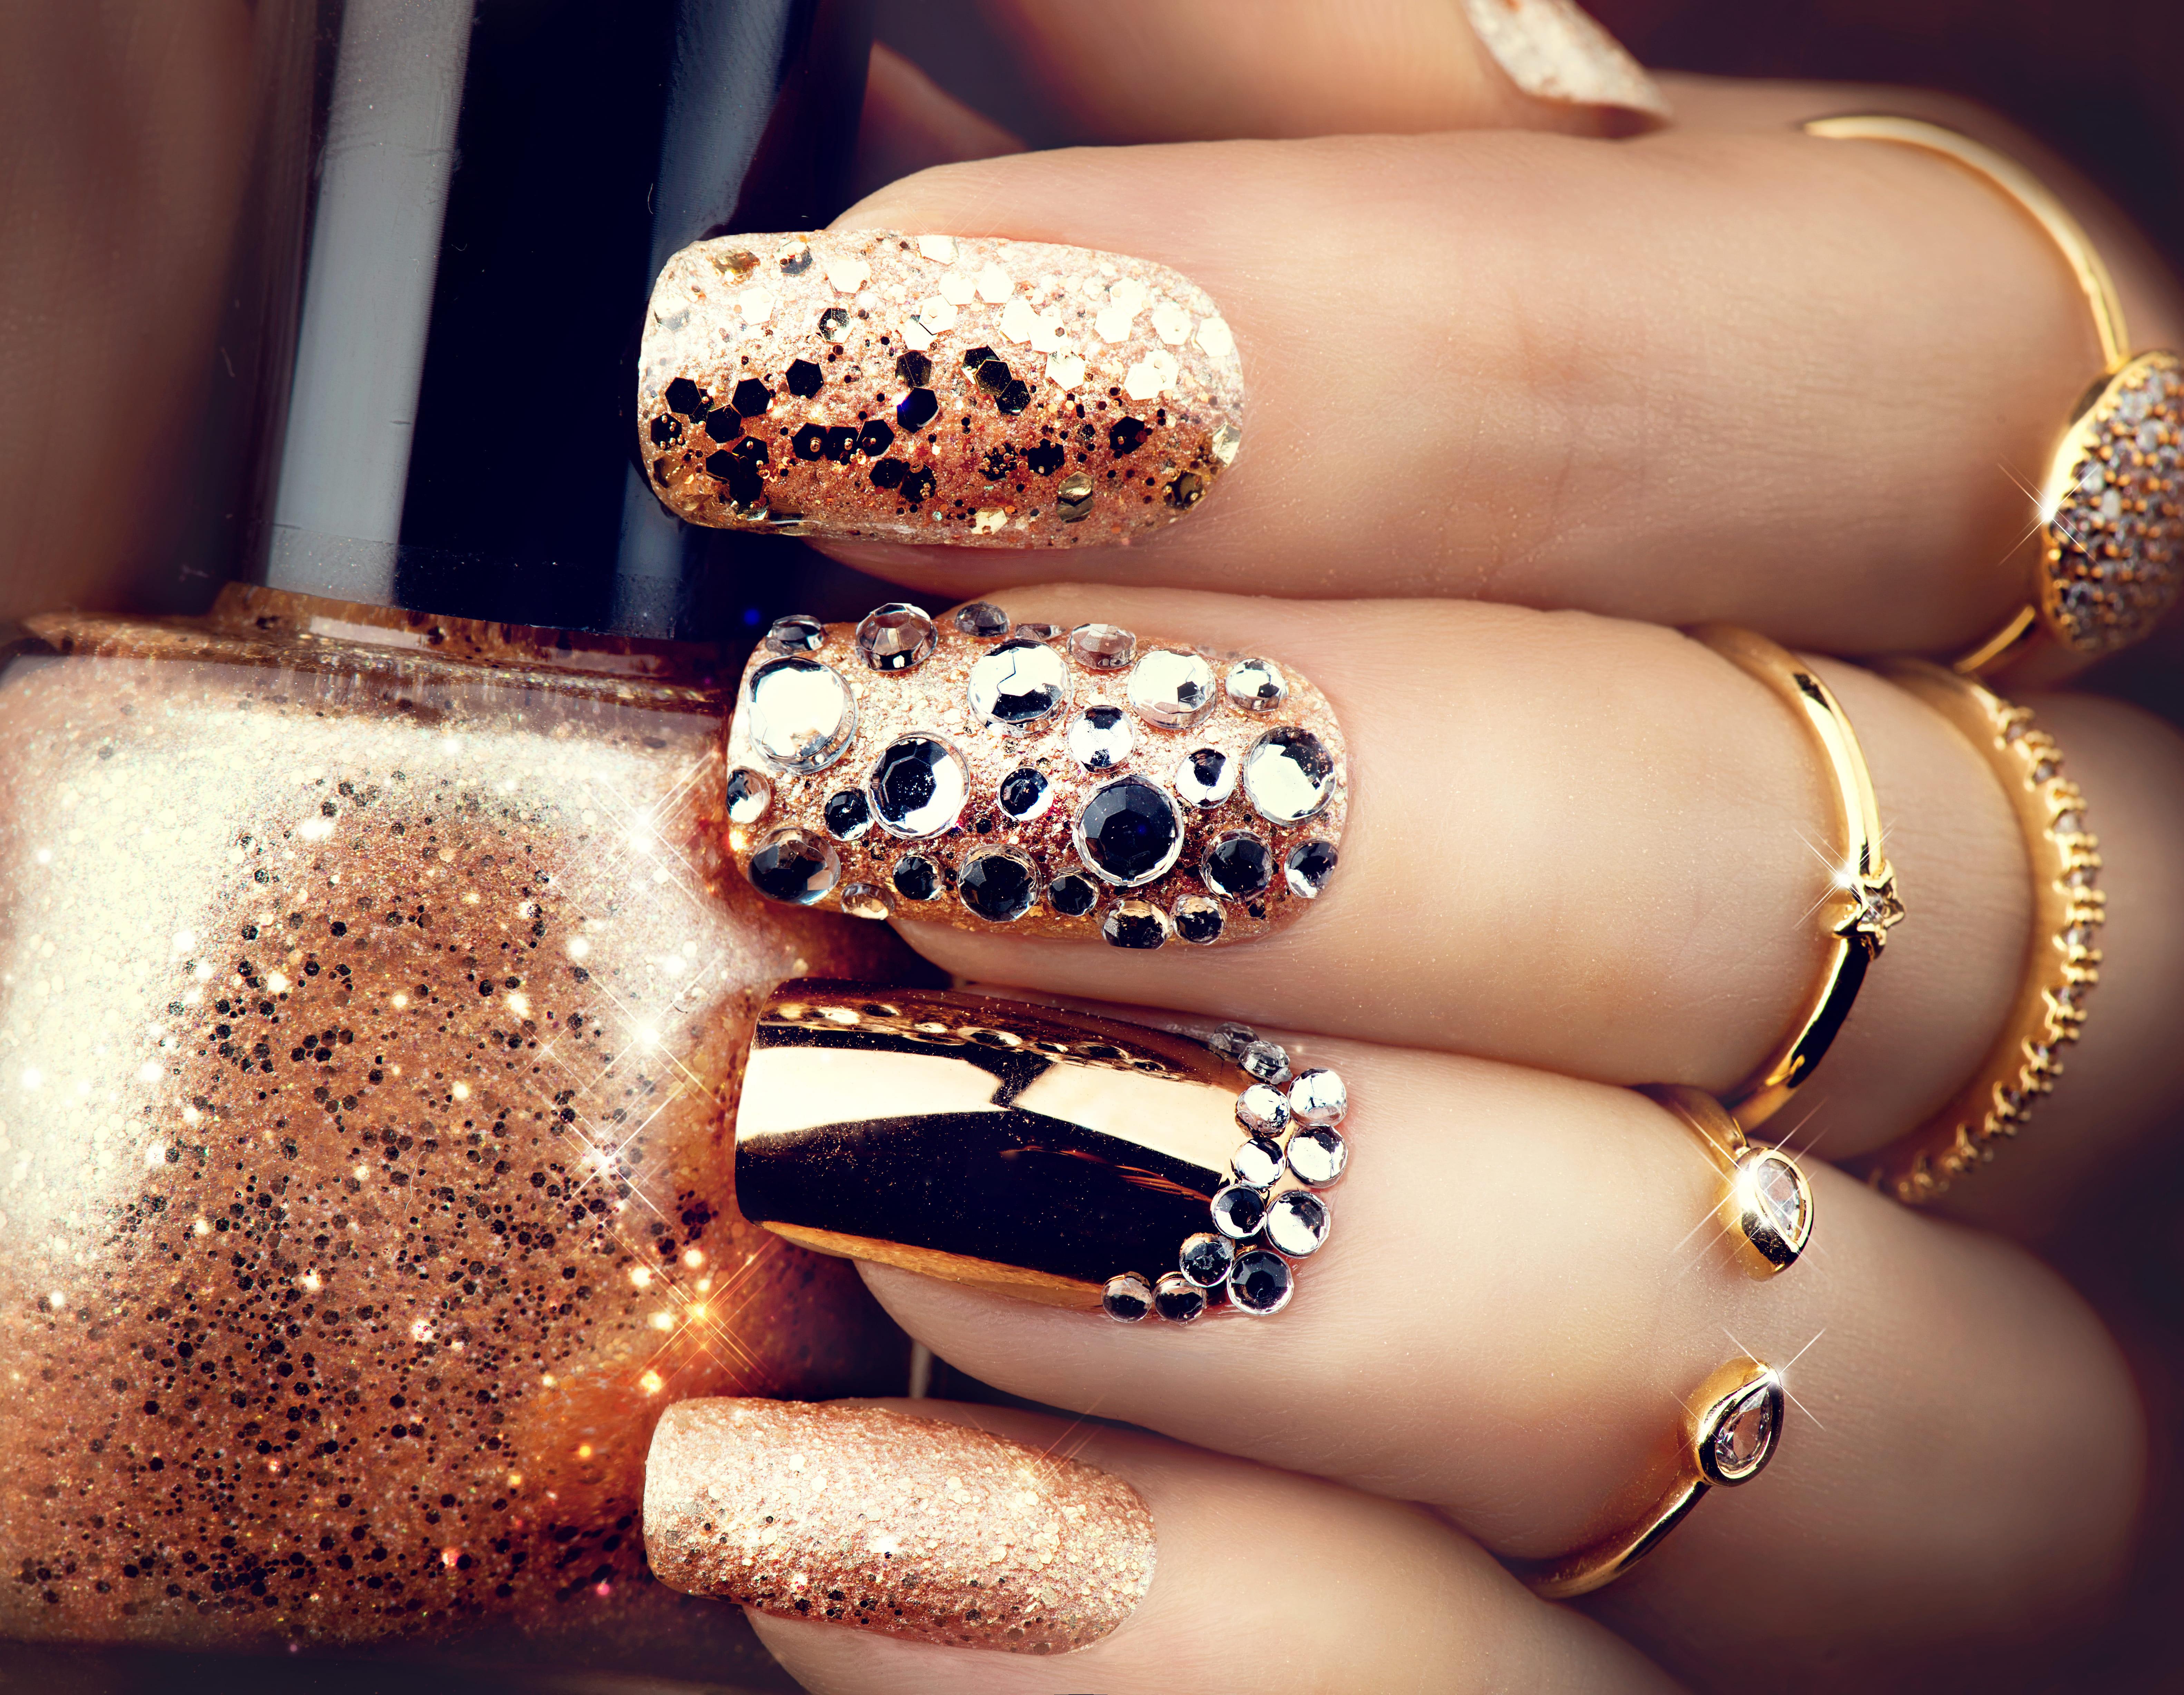 Nail Arts Designs - 6